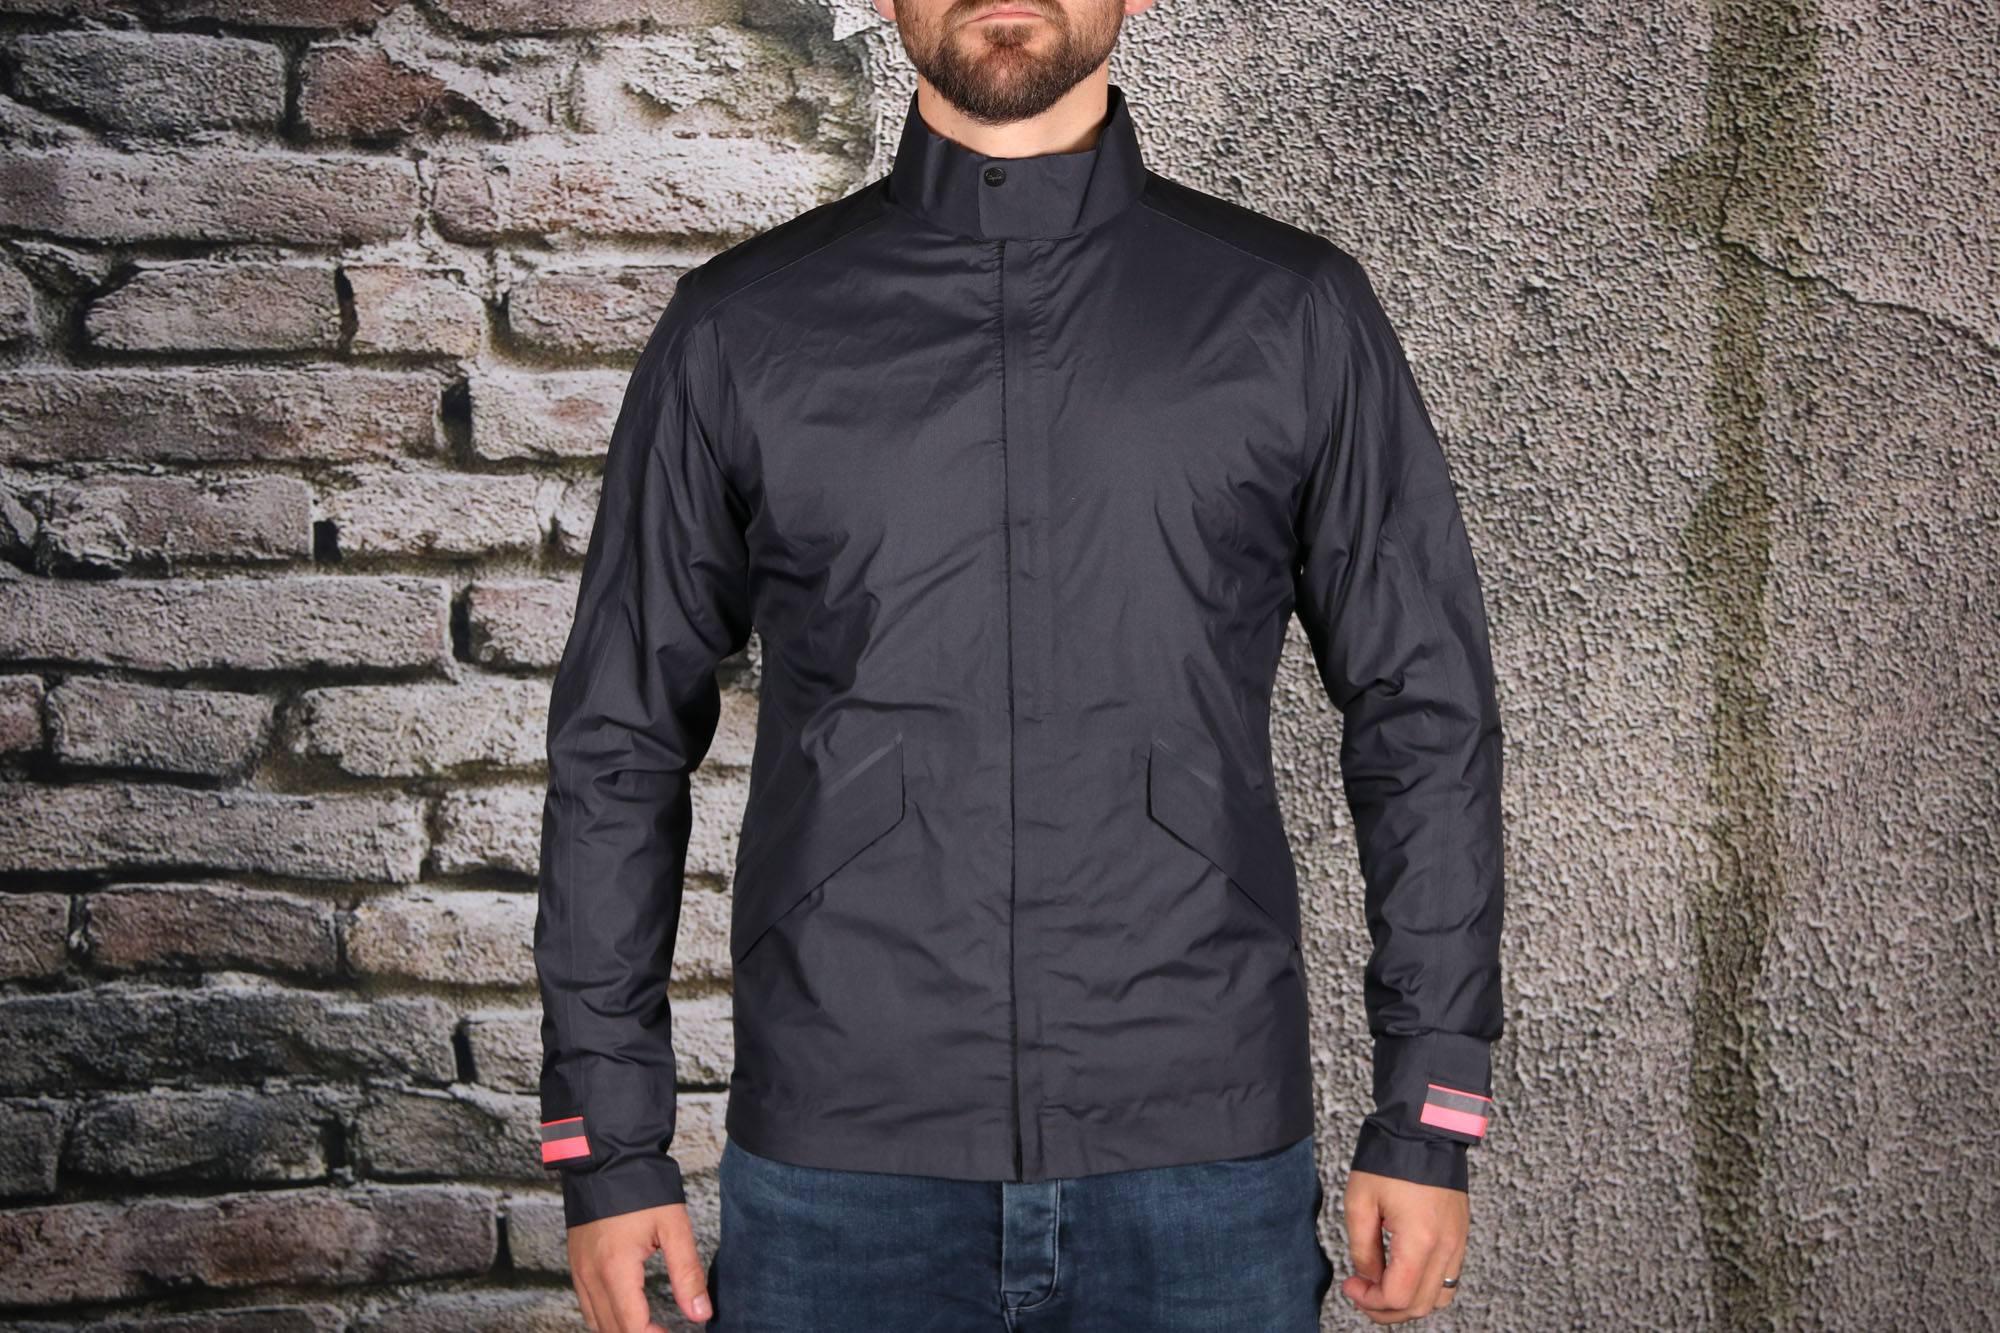 d67894060 Review  Rapha Packable Waterproof Jacket